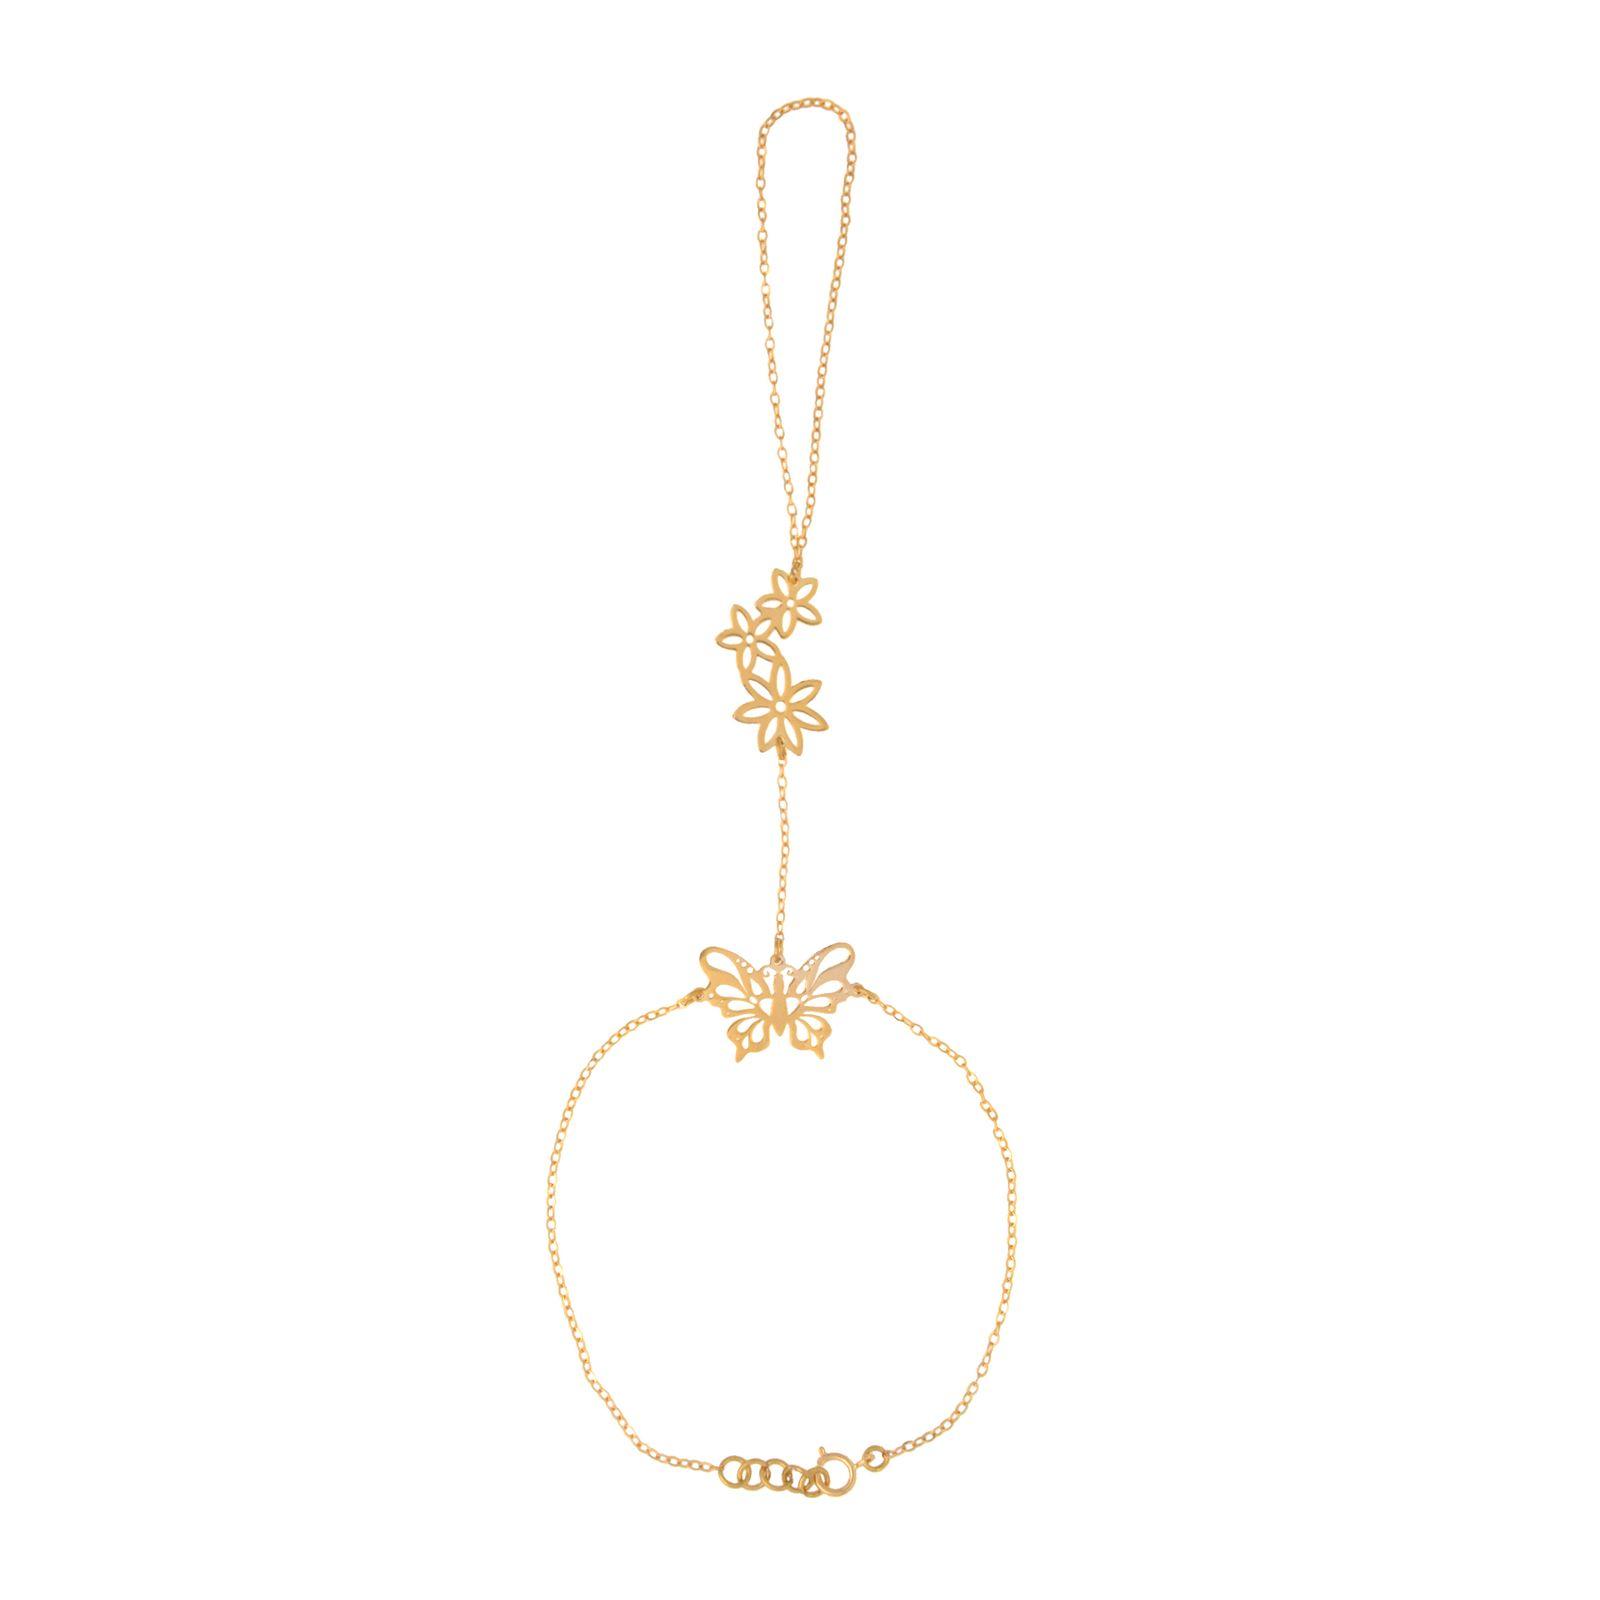 دستبند طلا 18 عیار زنانه کد 67030 -  - 2